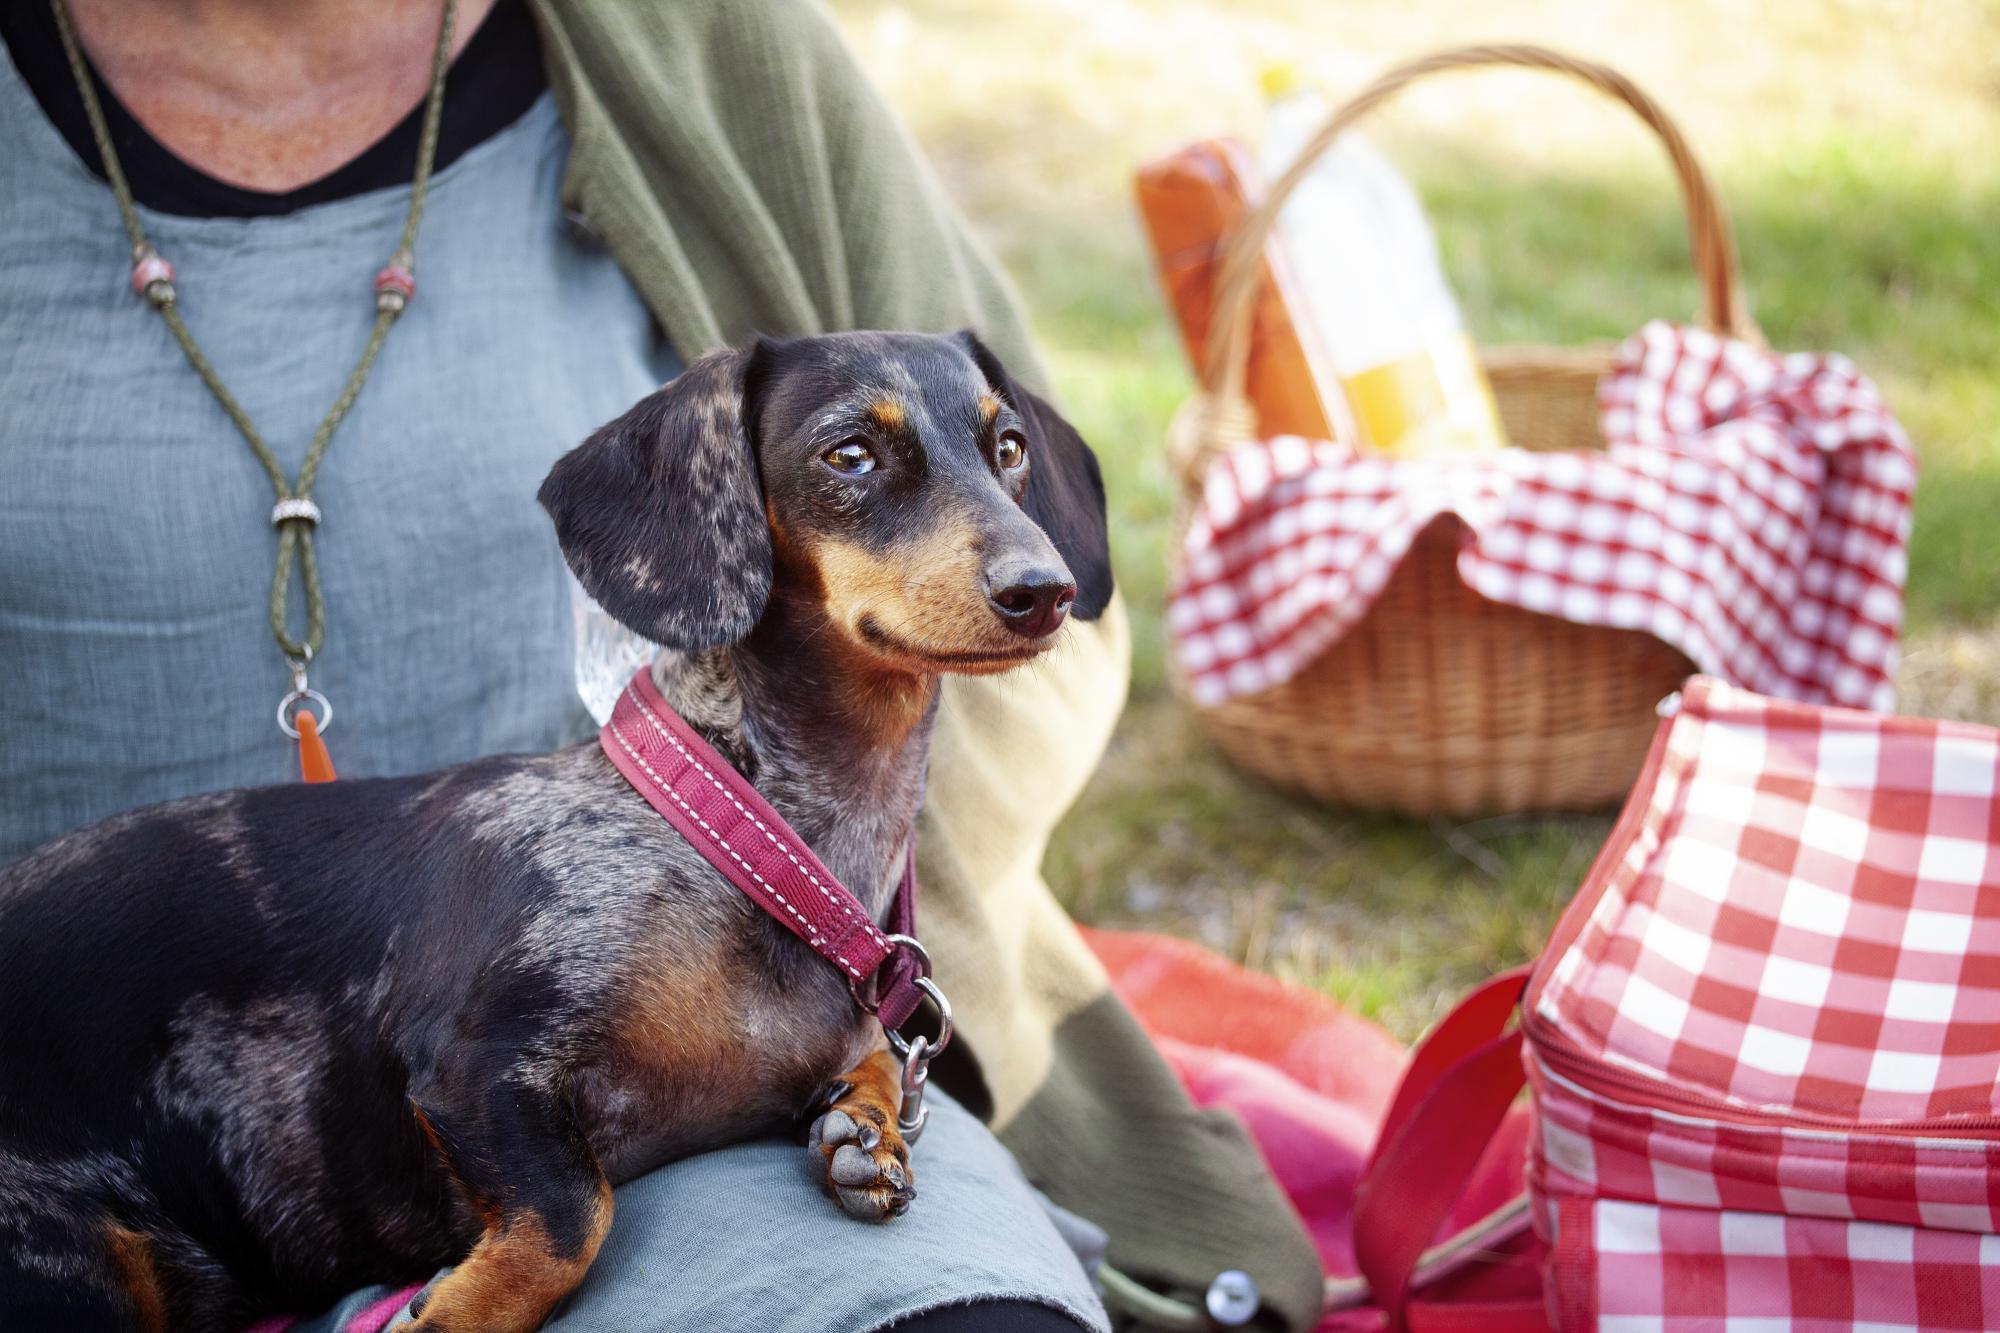 Taxen Mira får både passivitet- och miljöträning när matte Cilla tar en picknick med henne.